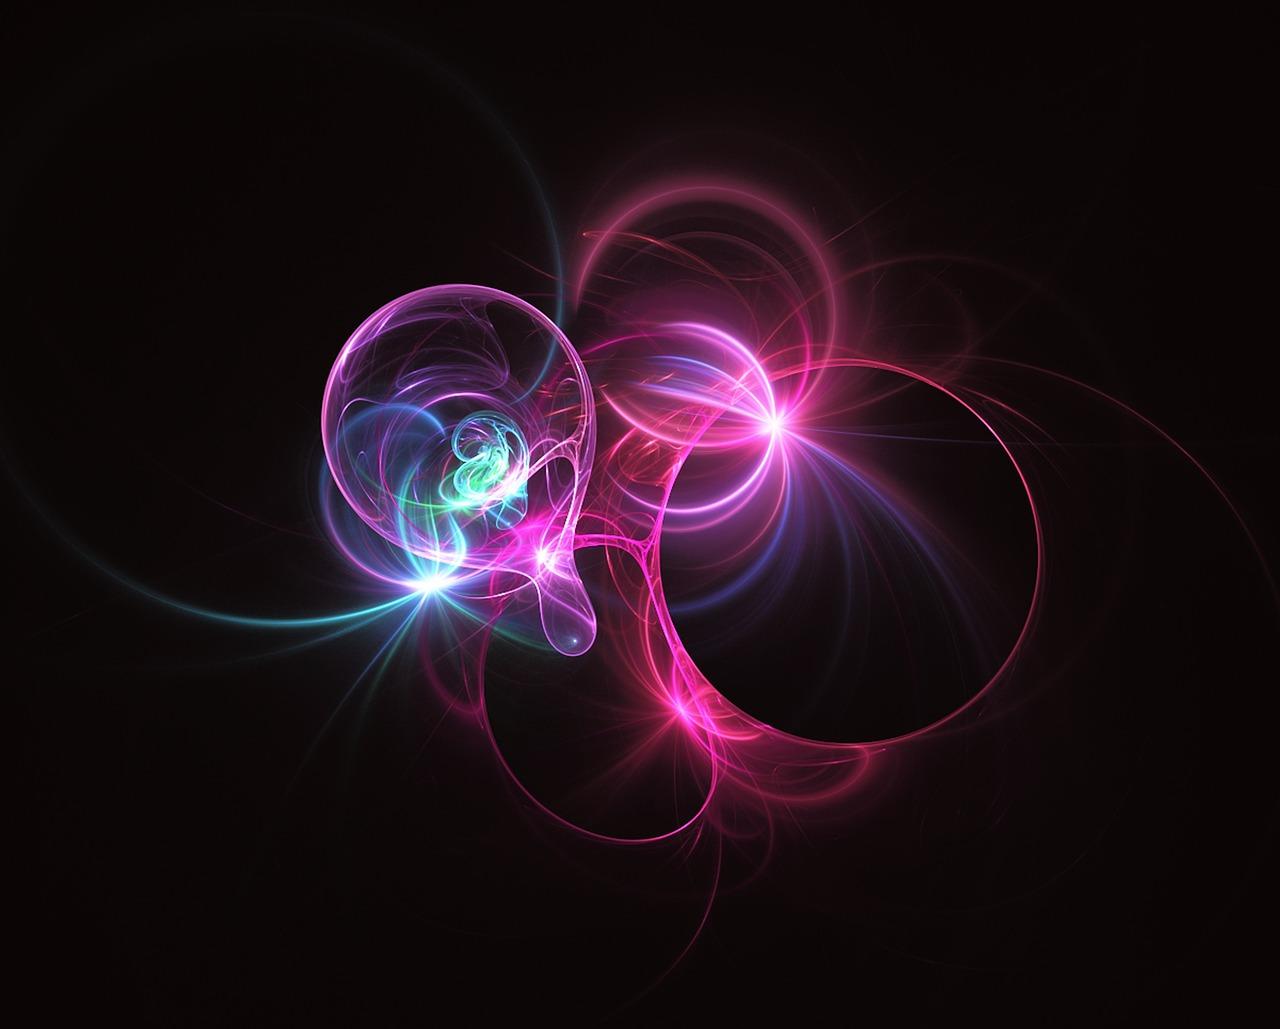 fractal-1793218_1280